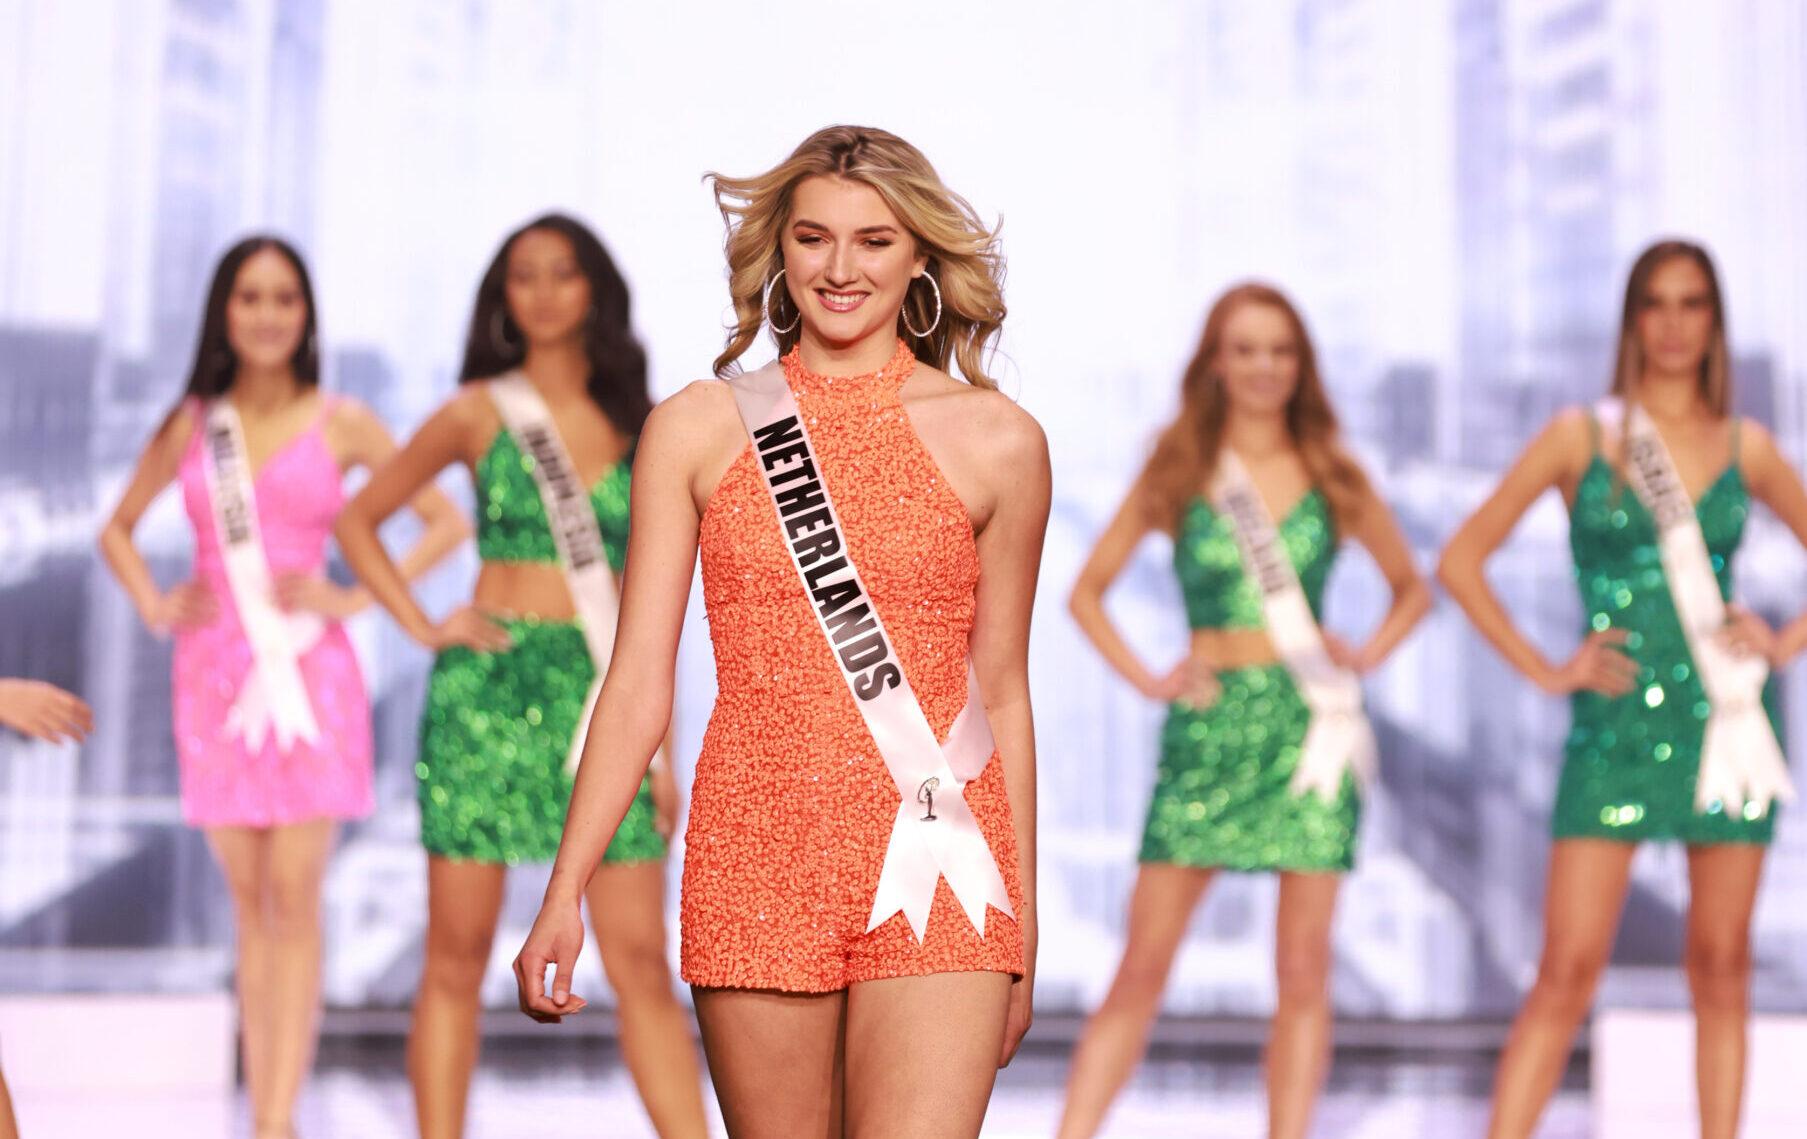 Denise Speelman heeft afgelopen nacht Nederland vertegenwoordigd bij de 69ste Miss Universe verkiezing